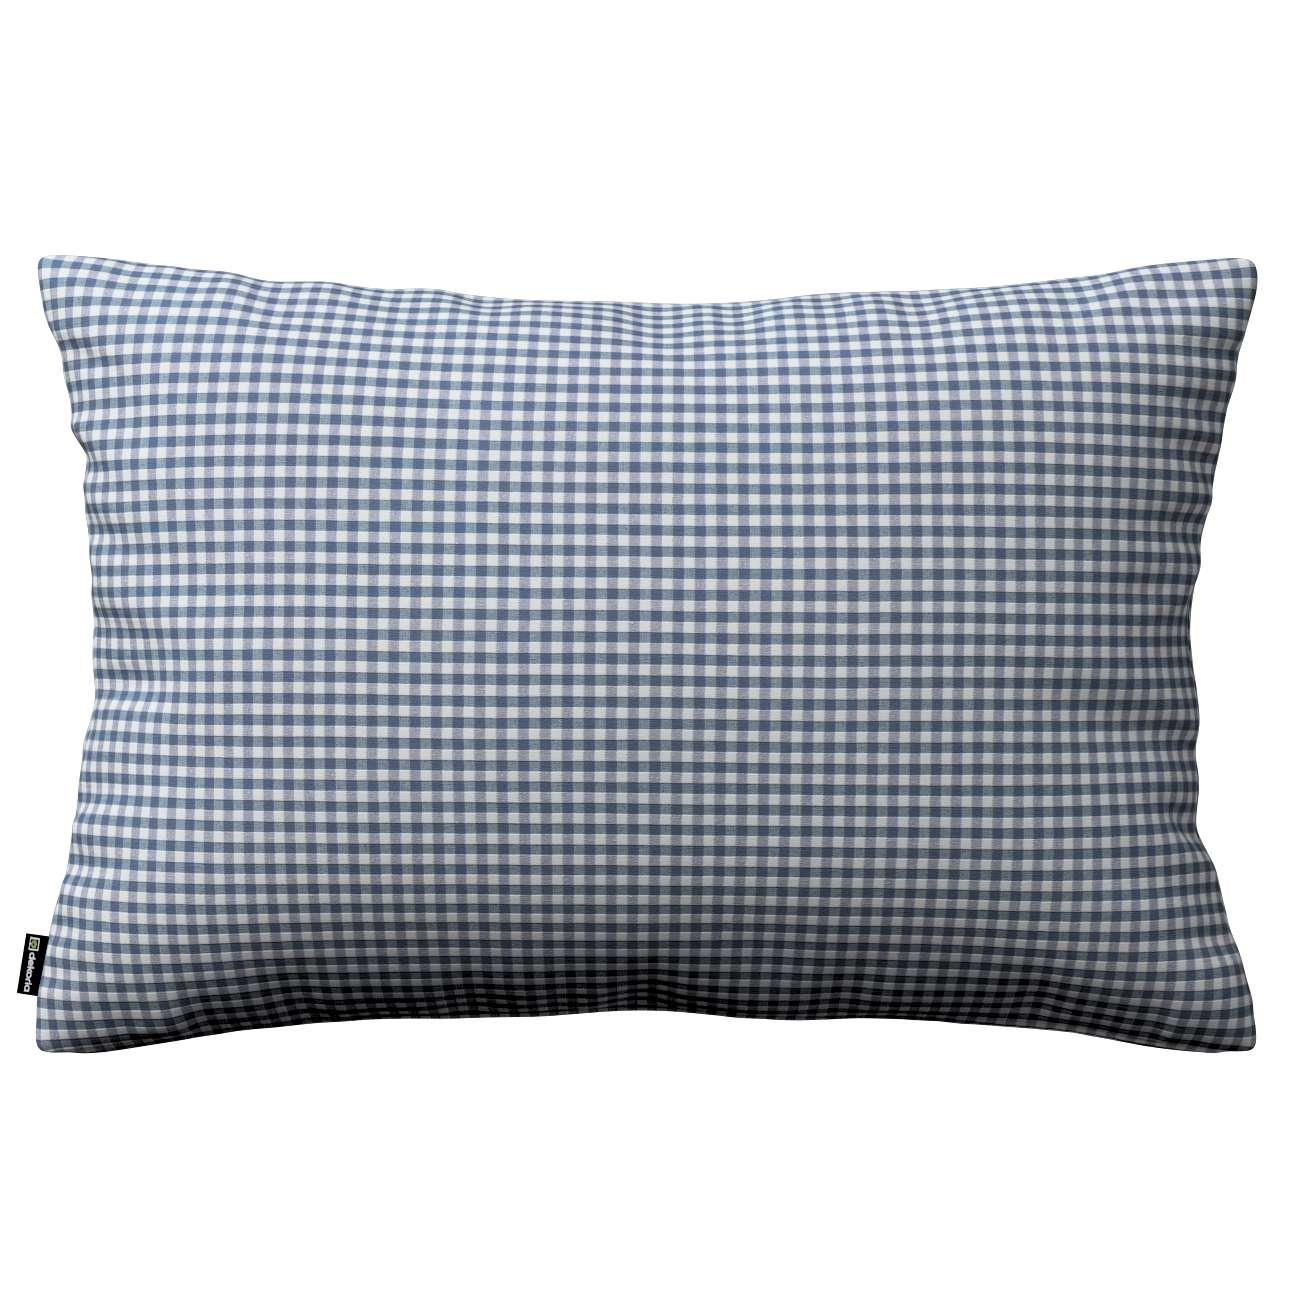 Poszewka Kinga na poduszkę prostokątną 60 x 40 cm w kolekcji Quadro, tkanina: 136-00